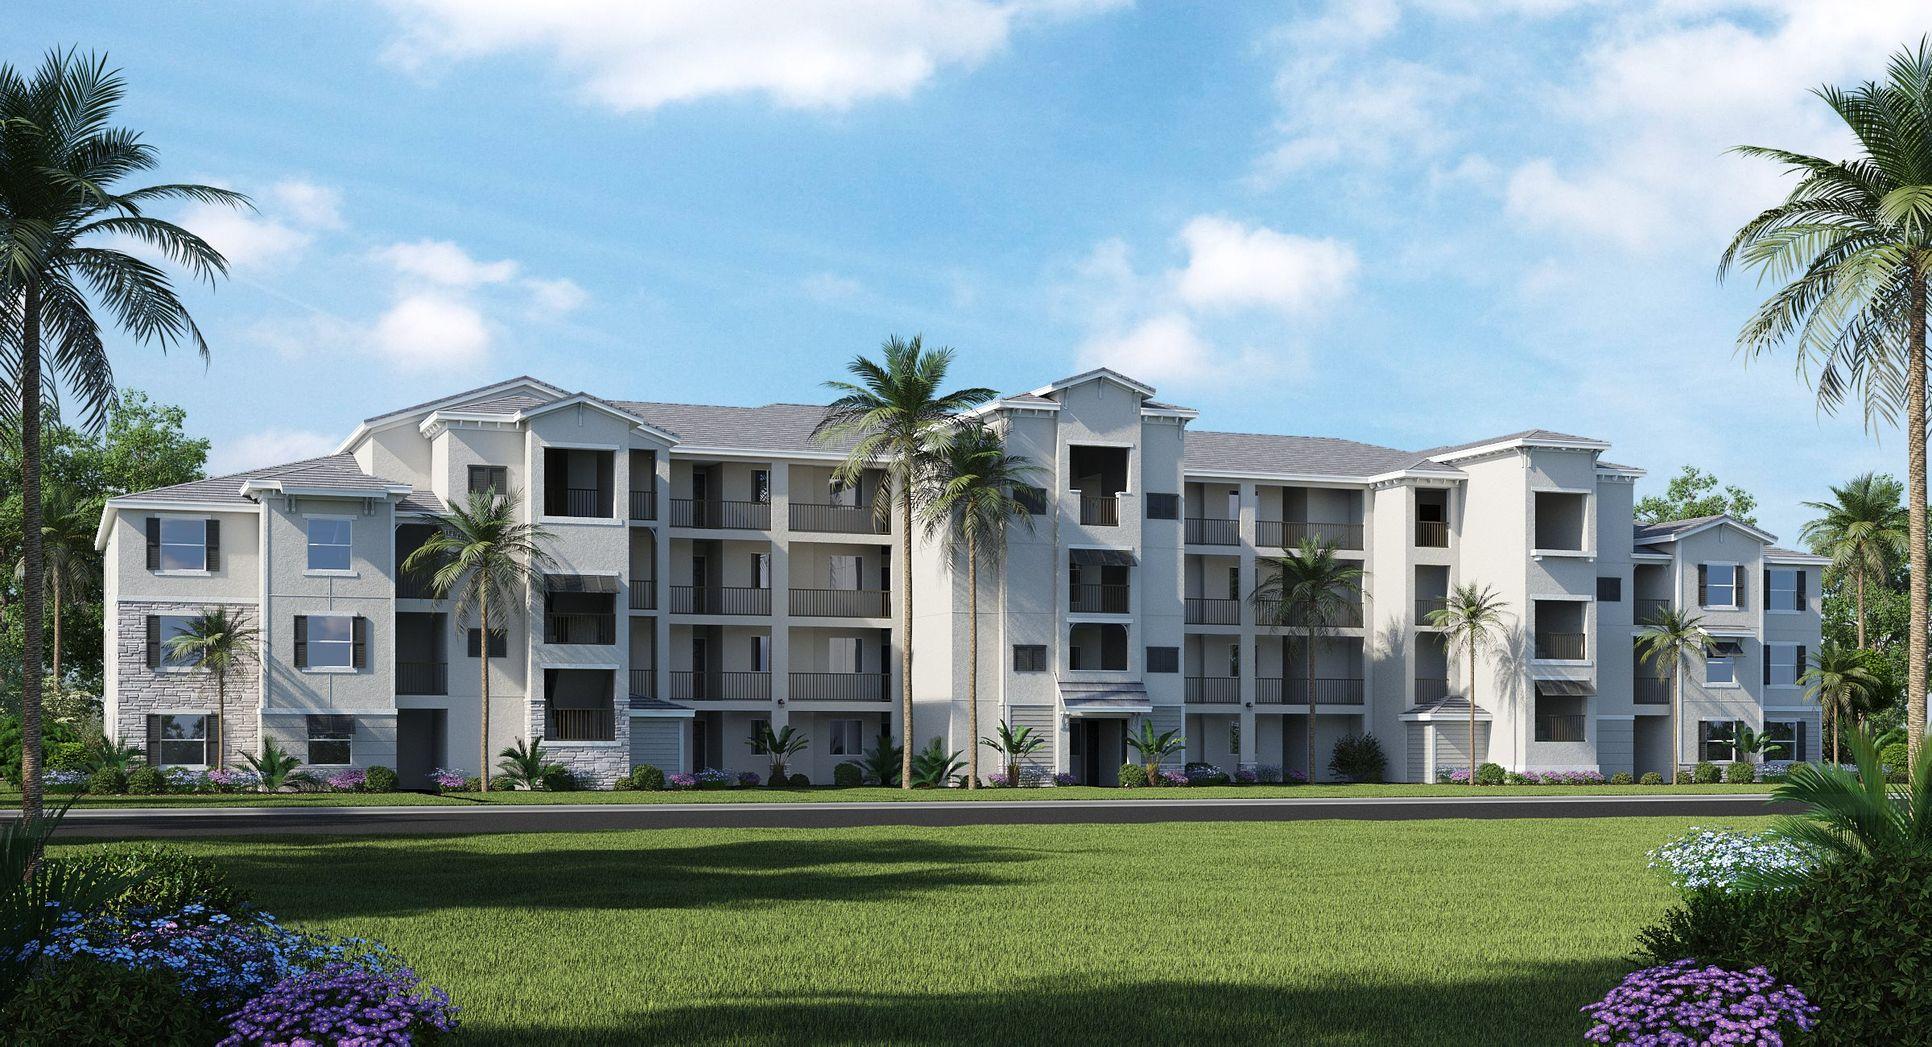 Terrace Condominium Exterior